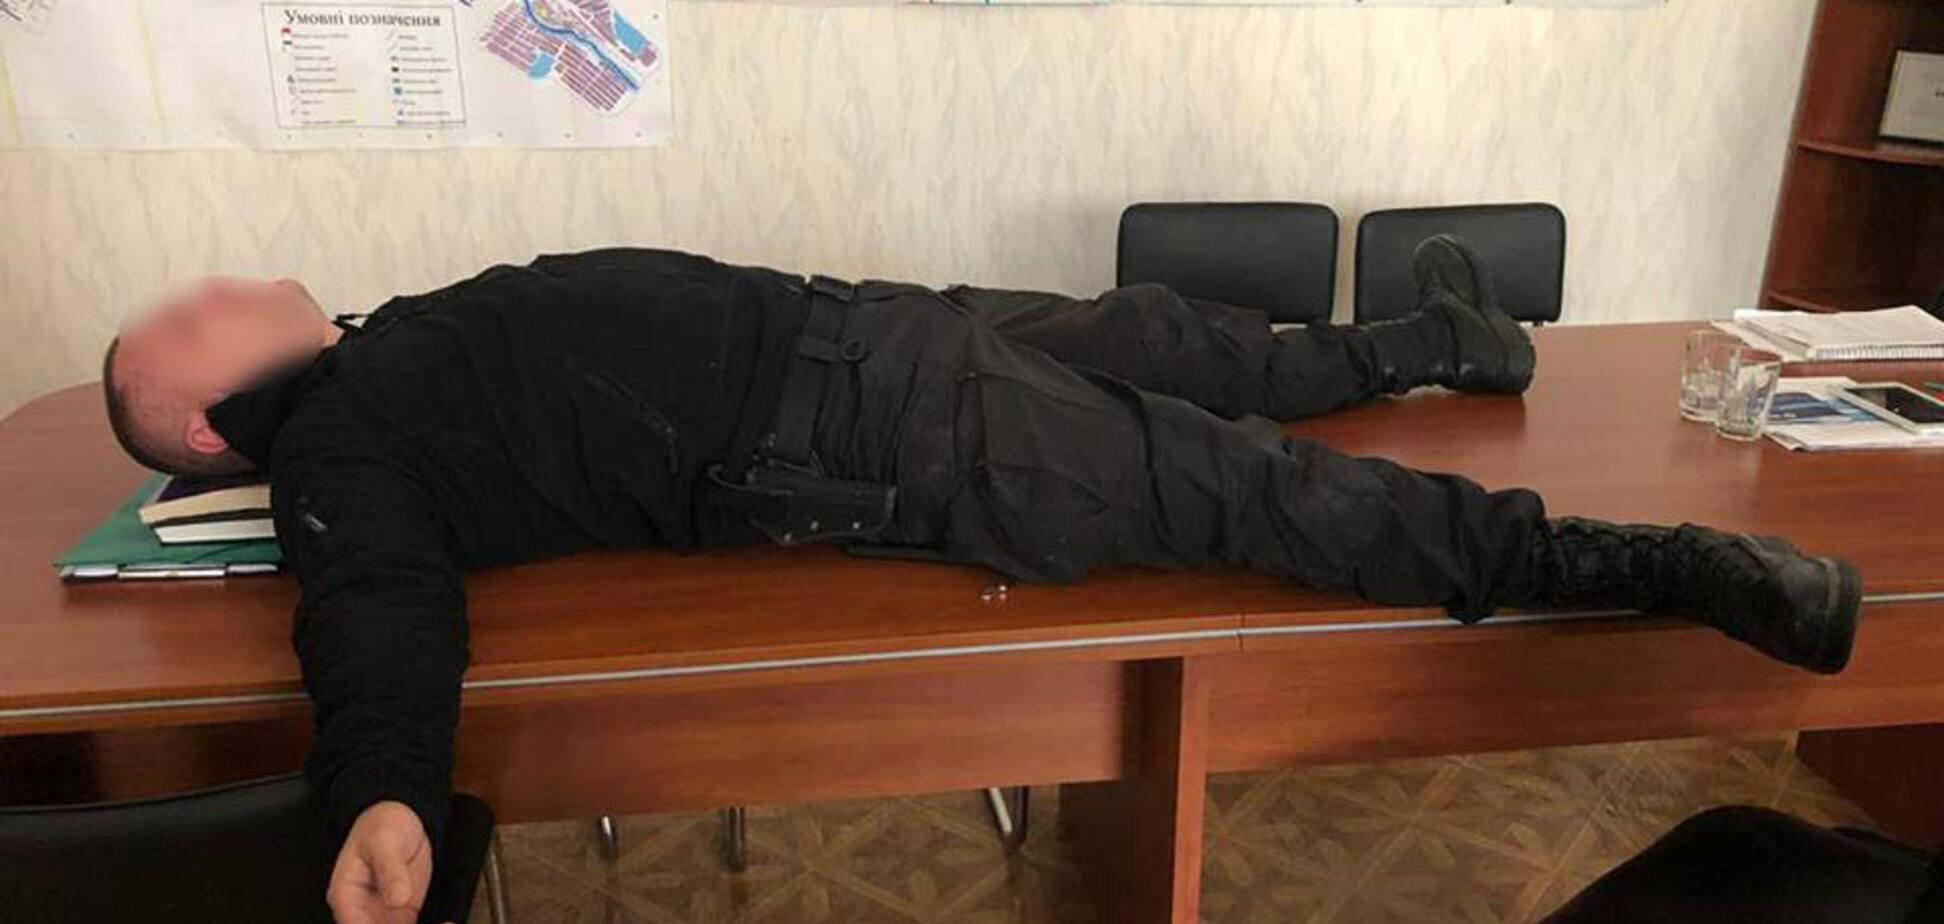 Брат хотел убить Авакова: на Донбассе задержан начальник отделения полиции